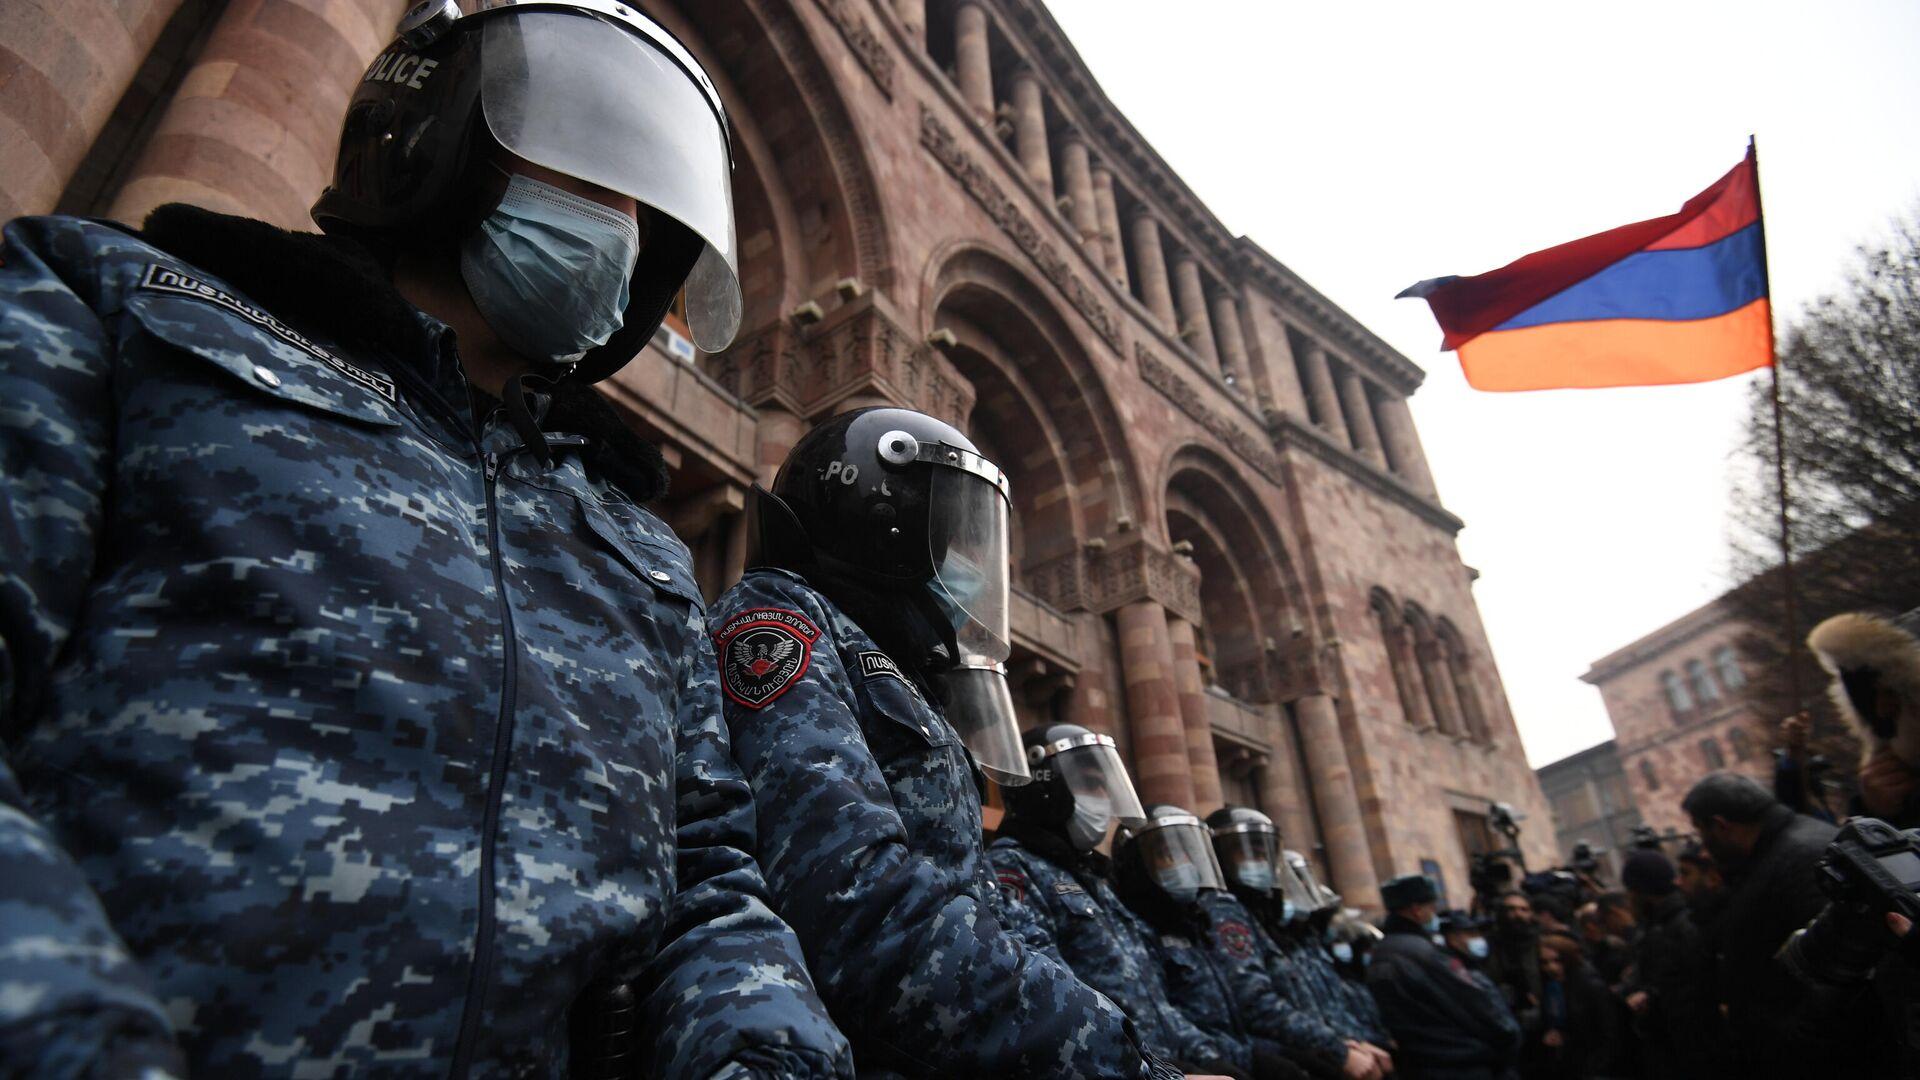 Сотрудники полиции стоят в оцеплении перед зданием правительства Армении - РИА Новости, 1920, 01.03.2021